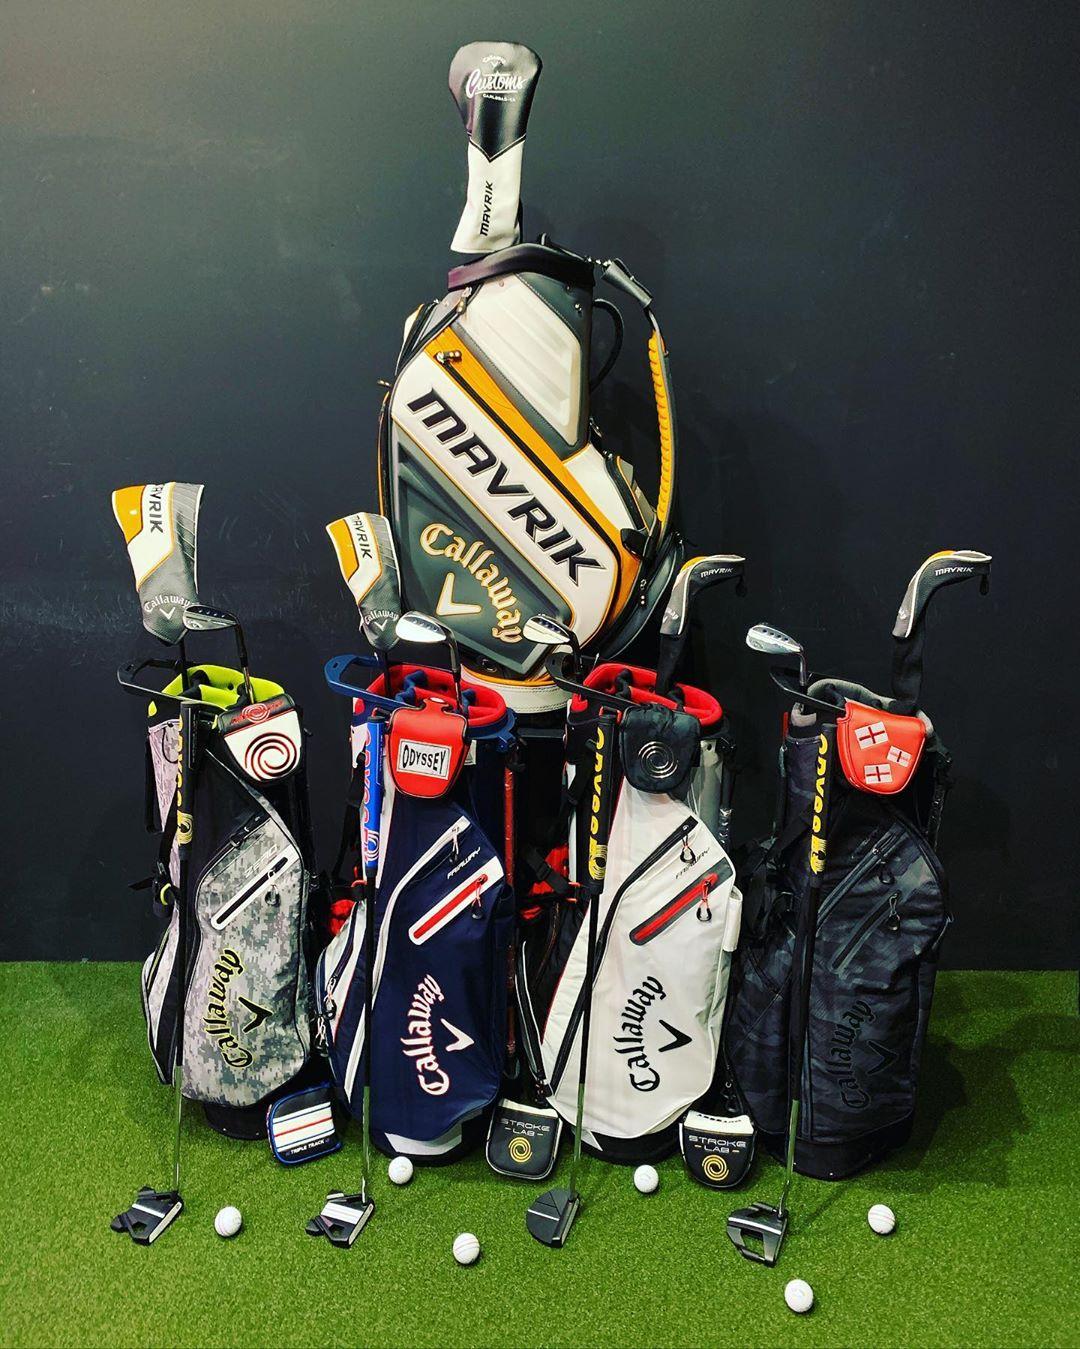 callaway callawaygolf golfbags Mavrick odyssey strokelab tripletrack md5 custom clubfitting